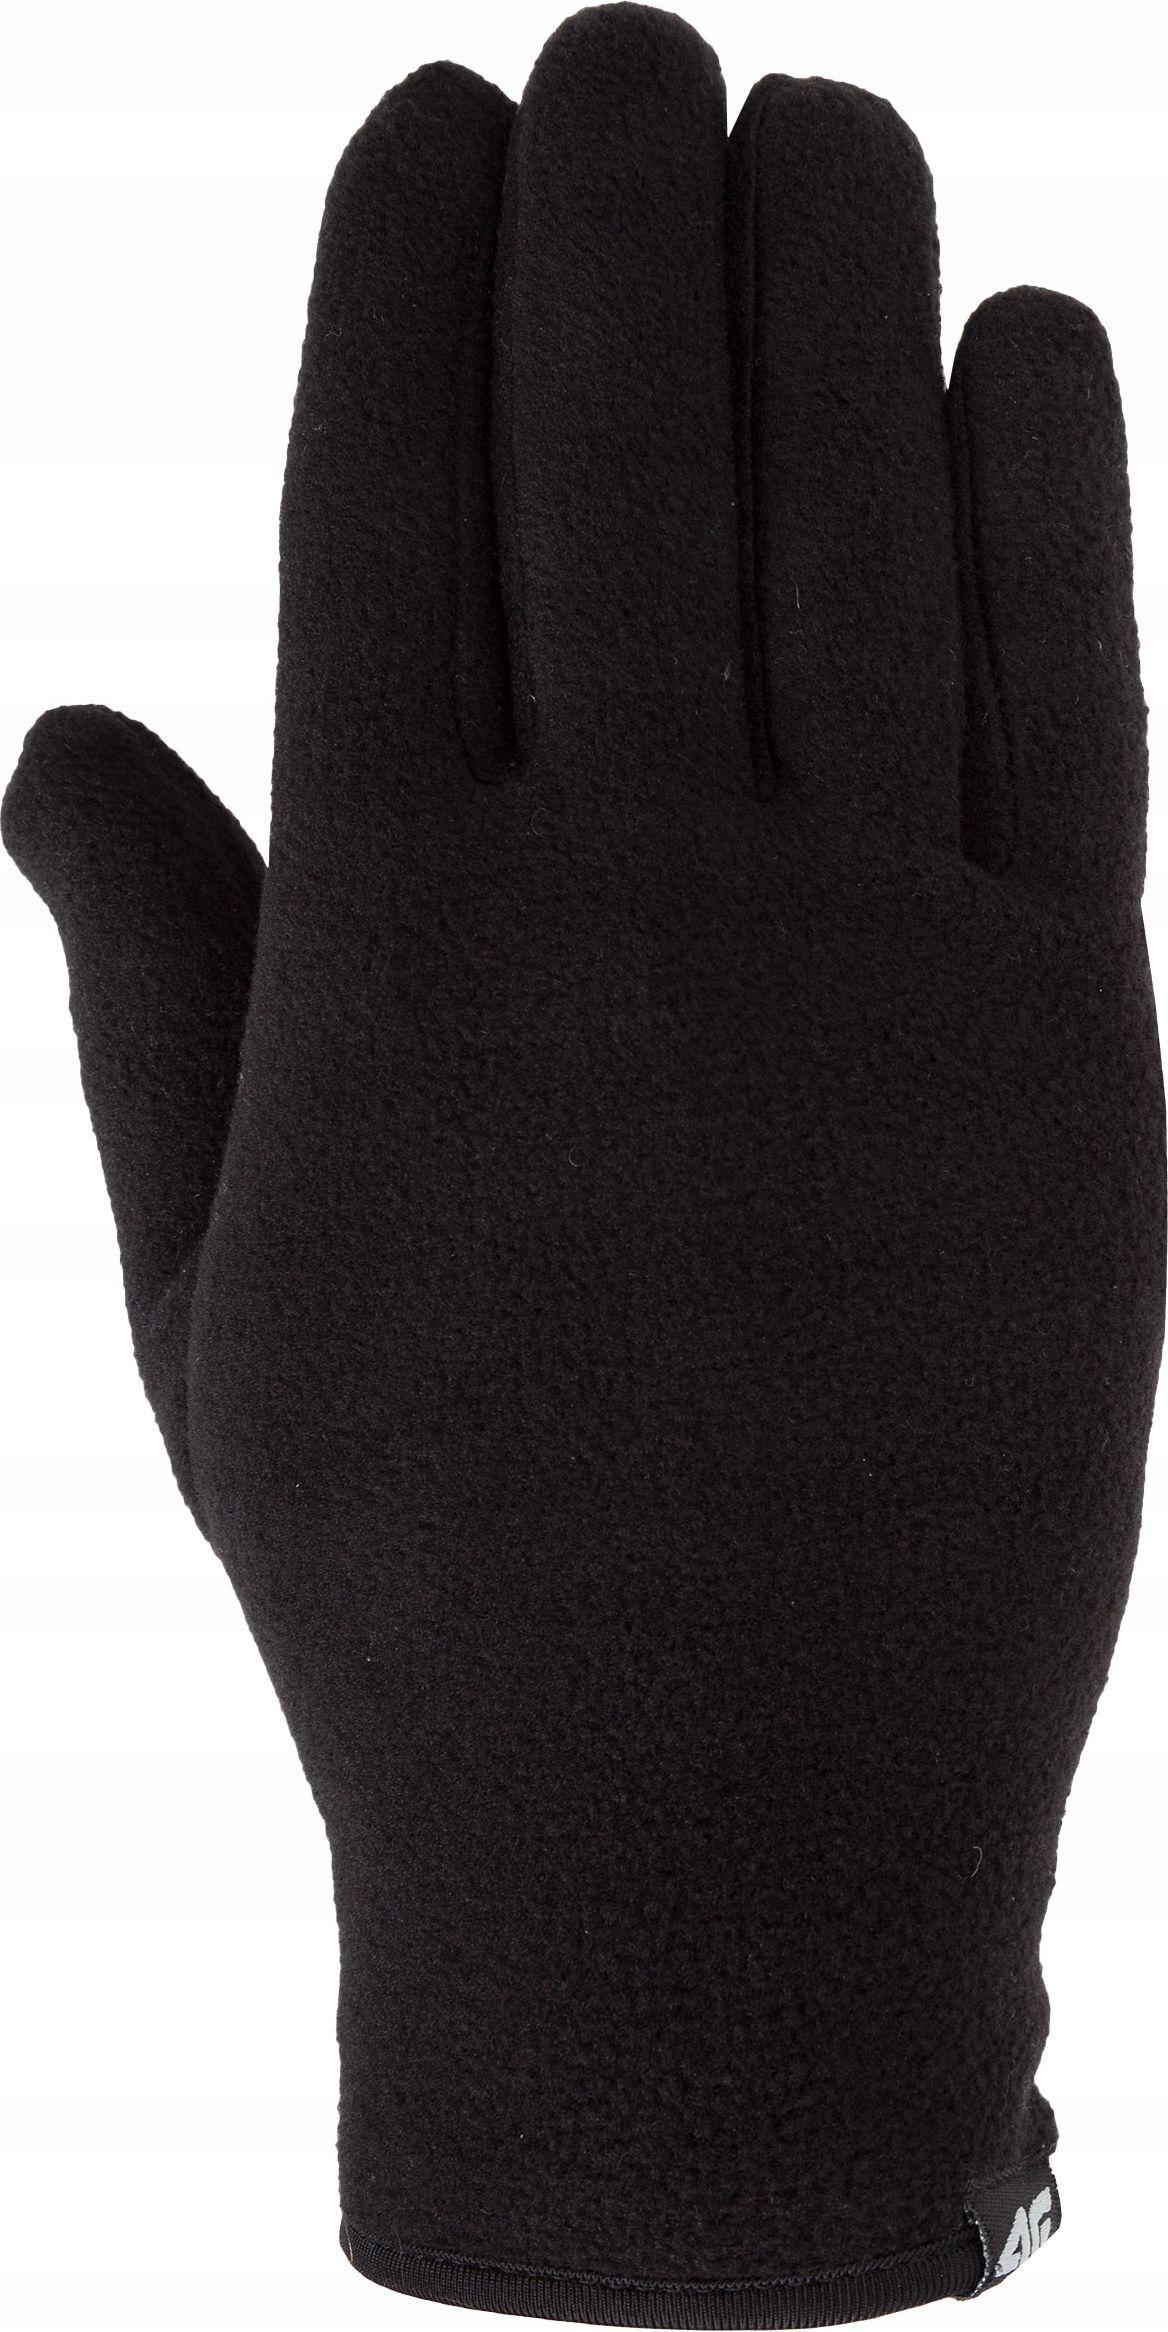 4f Rękawiczki unixex H4-REU001 r. M